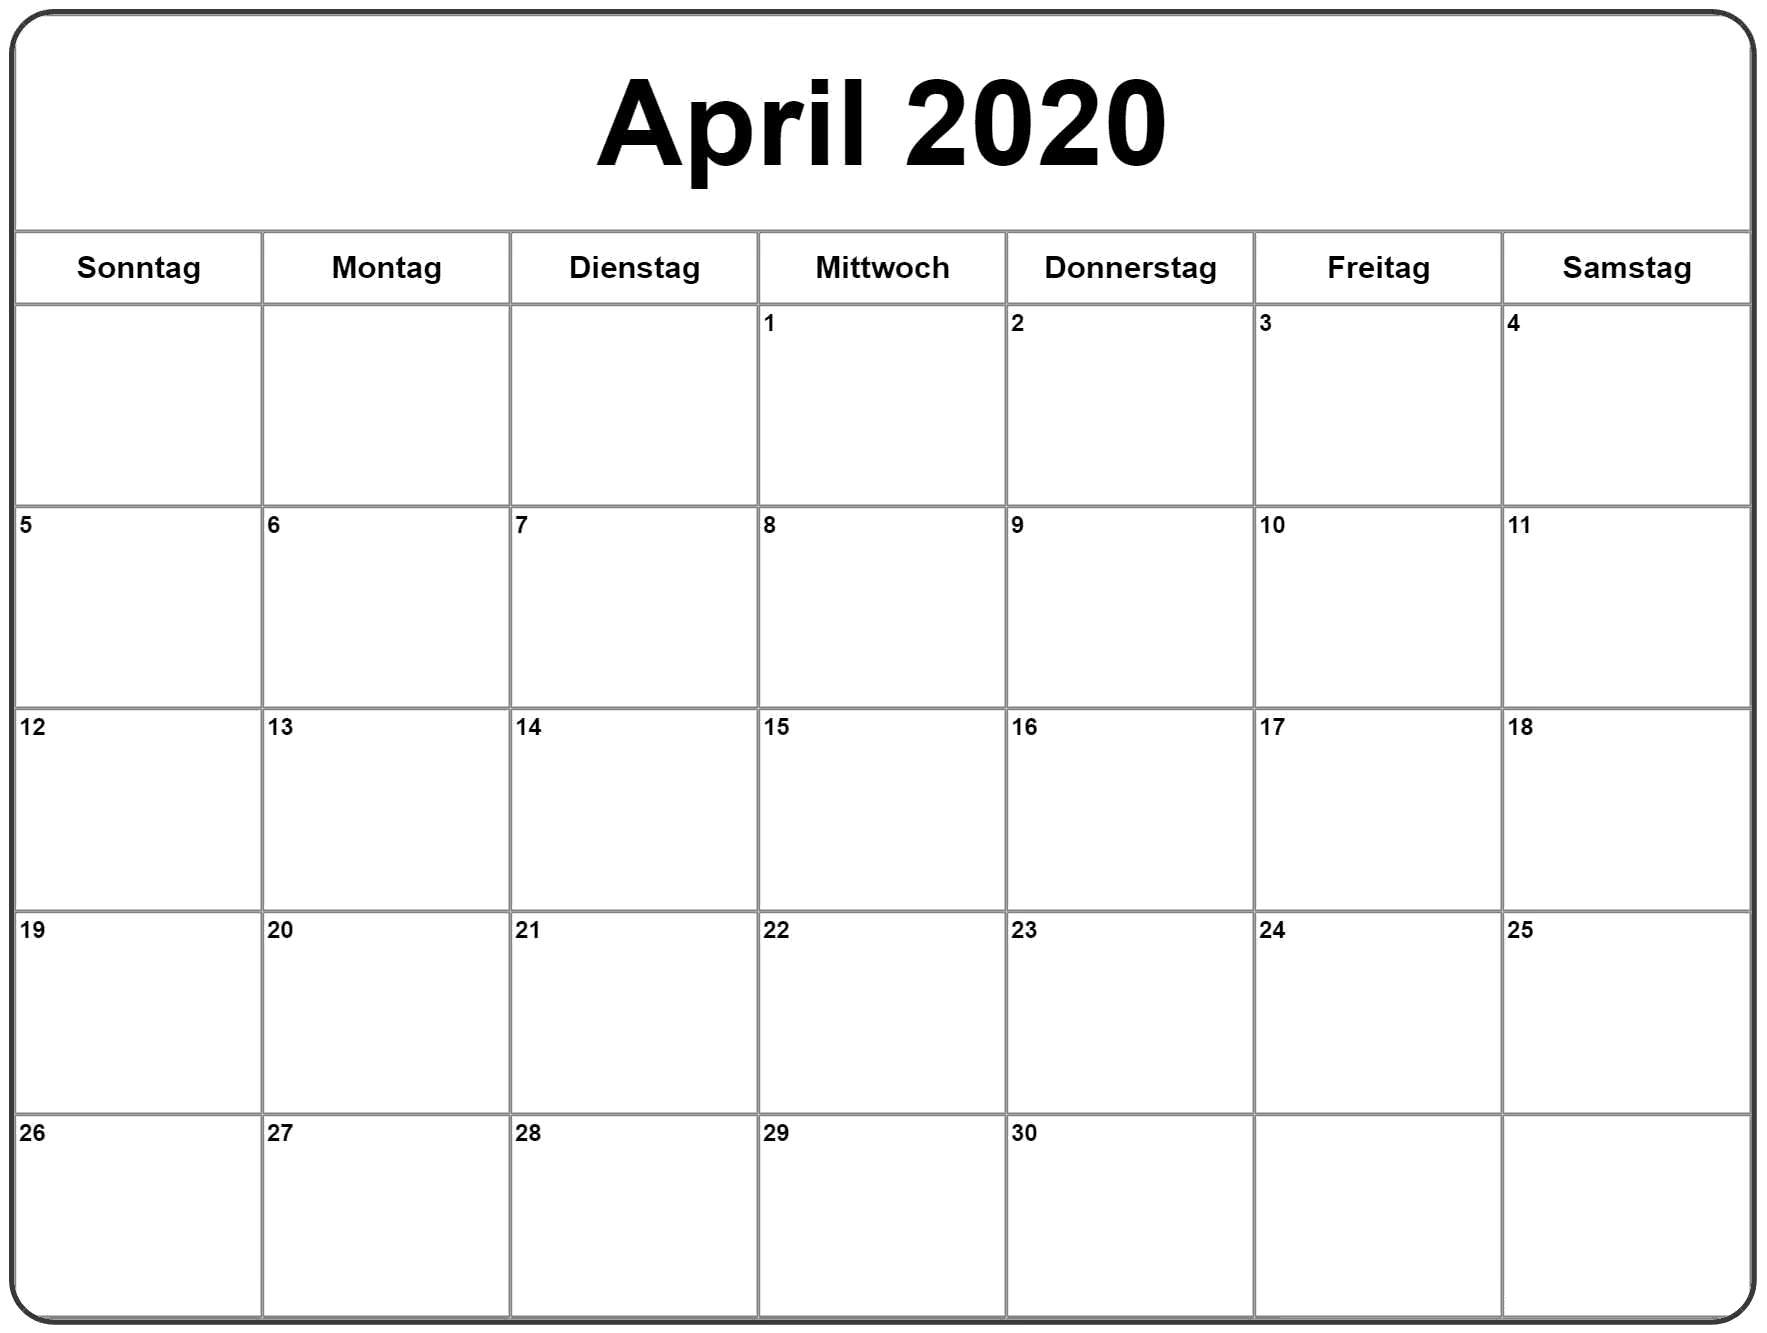 April 2020 kalender